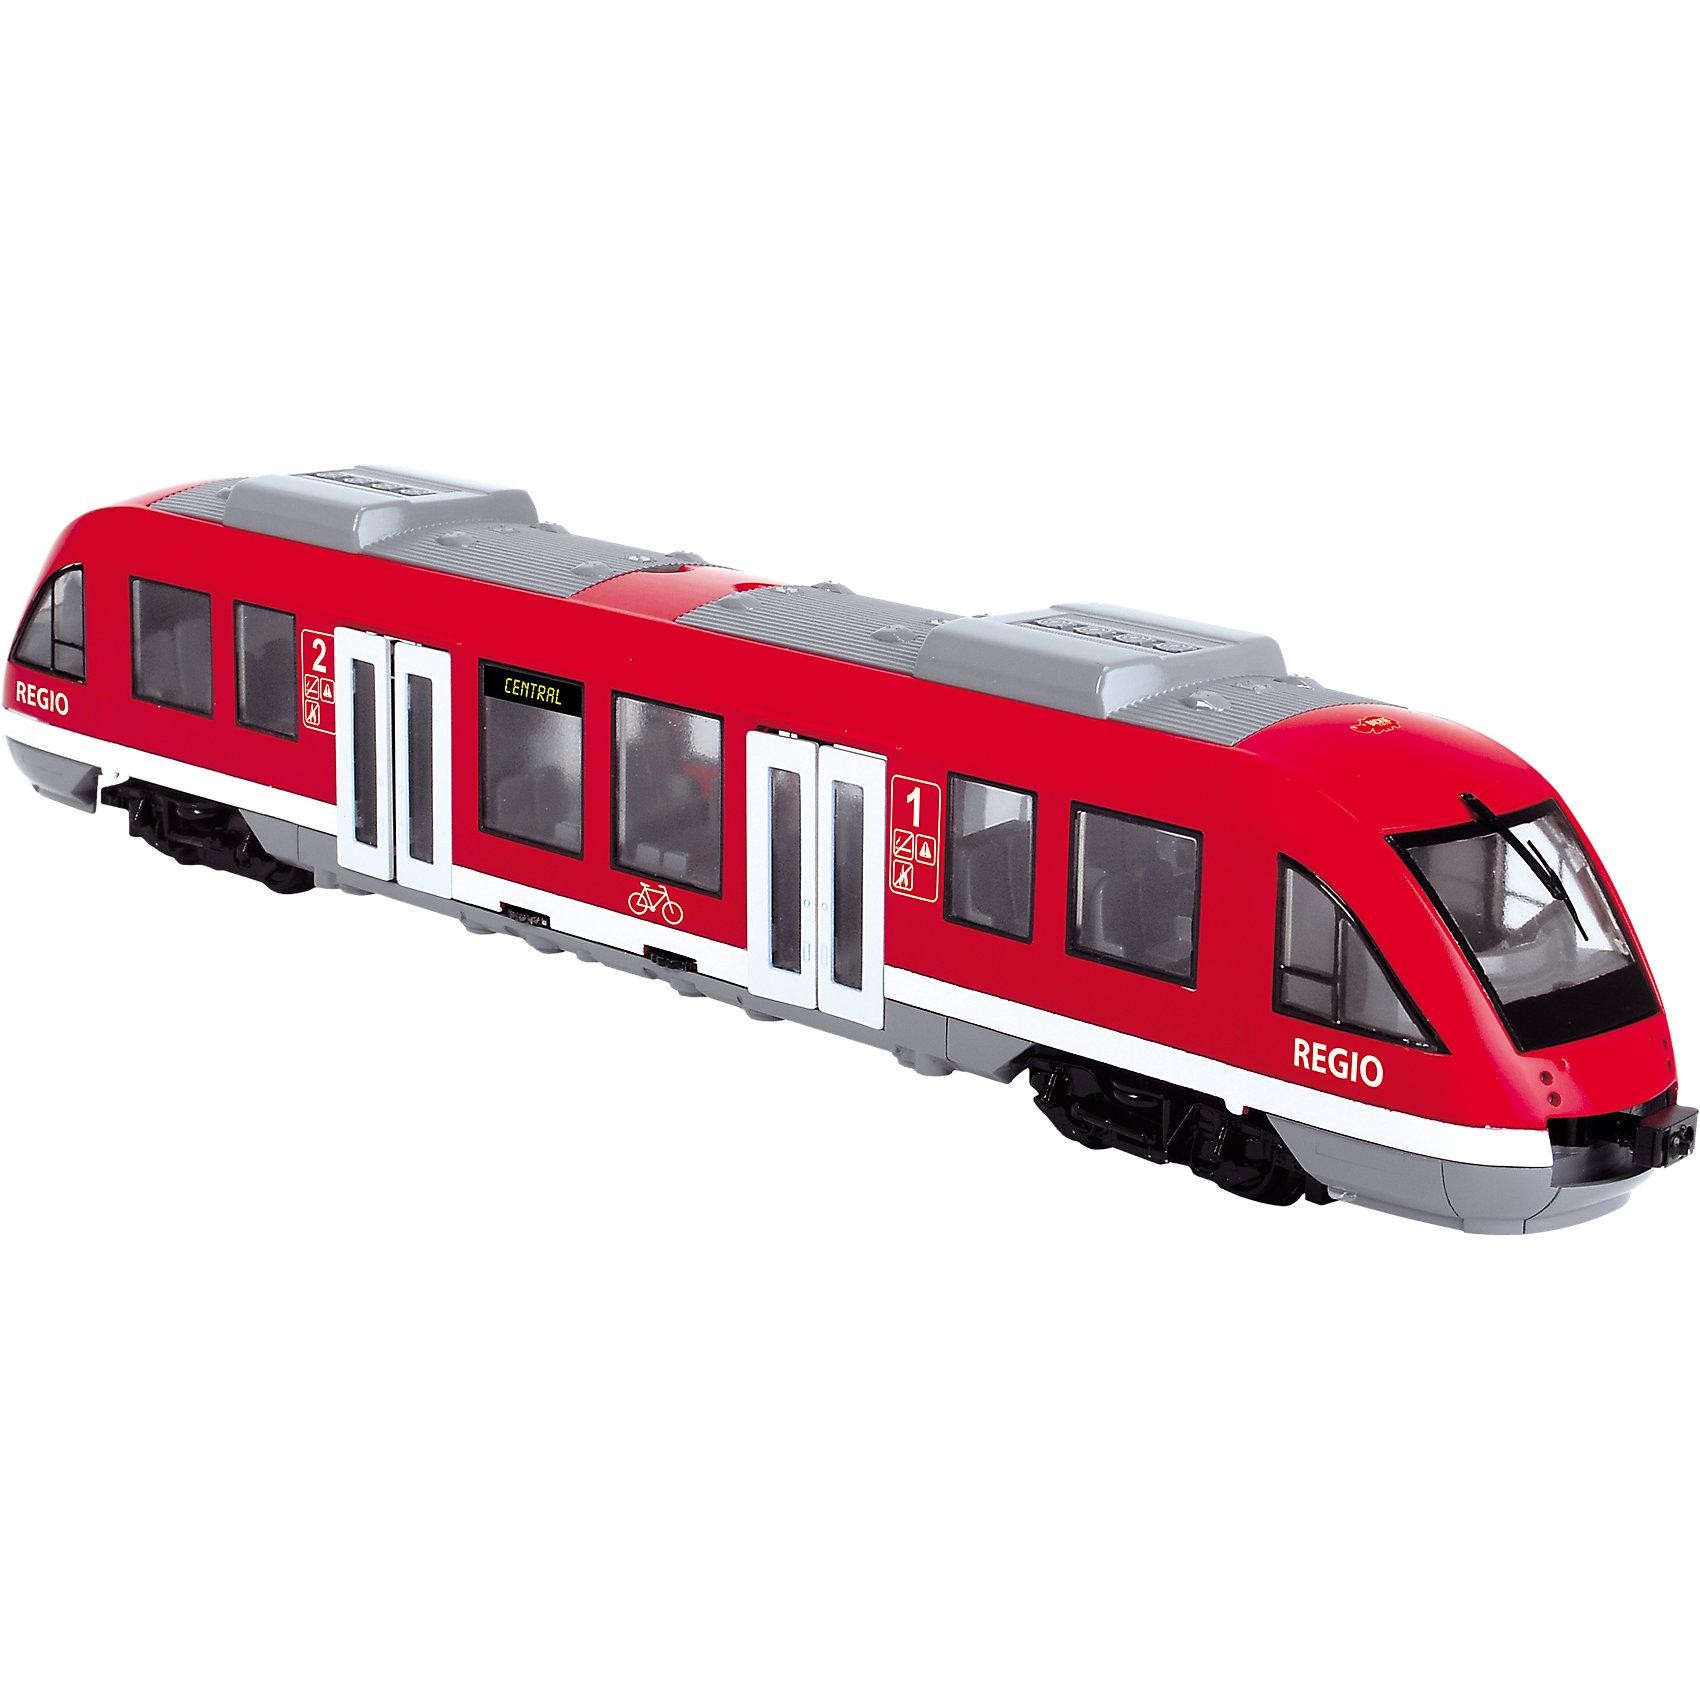 Городской поезд, 1:43, 45см, Dickie ToysИгрушечная железная дорога<br>Характеристики:<br><br>• длина поезда: 45 см;<br>• масштаб: 1:43;<br>• особенности игрушки: открываются двери;<br>• материал: пластик;<br>• размер упаковки: 49,5х12,7х8 см.<br><br>Длинный поезд Dickie Toys увезет все минифигурки в сказочное путешествие. Фигурки могут «заходить» через двери, которые у поезда открываются. Любителями транспортных средств являются не только мальчики, поэтому игровой набор Dickie Toys подойдет и девочкам.<br><br>Городской поезд, 1:43, 45см, Dickie Toys можно купить в нашем магазине.<br><br>Ширина мм: 502<br>Глубина мм: 131<br>Высота мм: 83<br>Вес г: 518<br>Возраст от месяцев: 36<br>Возраст до месяцев: 84<br>Пол: Мужской<br>Возраст: Детский<br>SKU: 4608002